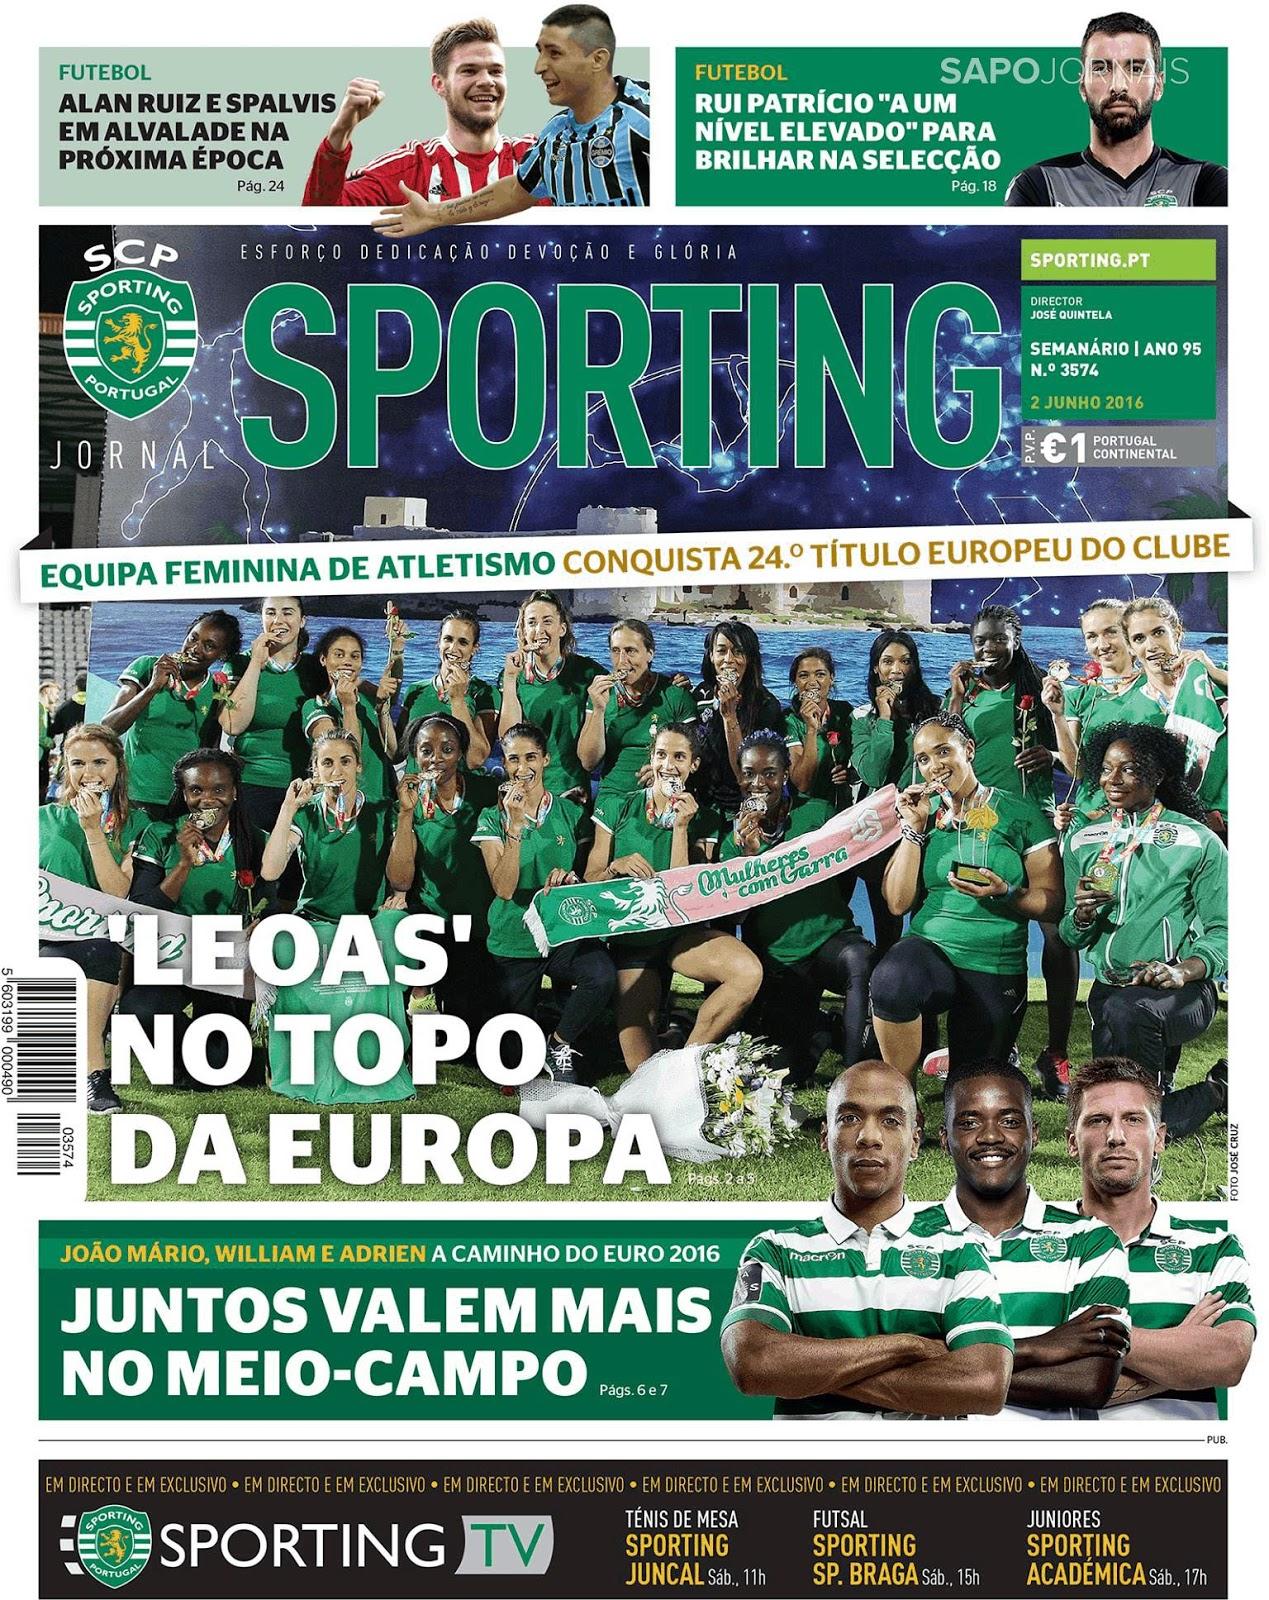 24º conquista - Taça dos Clubes campeões Europeus Pista de Atletismo (F) 2a09fe1e62c91